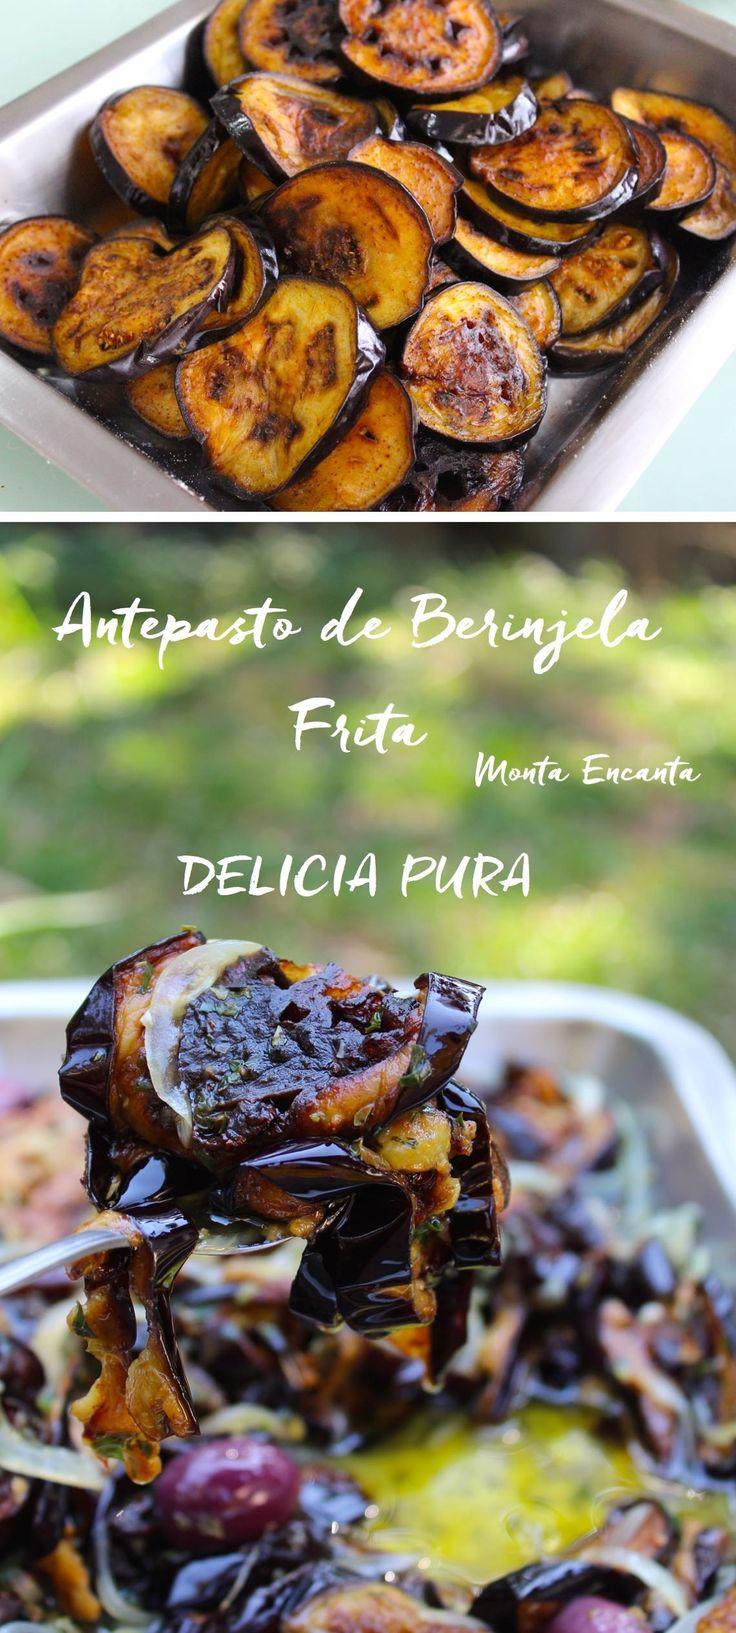 Antepasto de Berinjela frita vai bem tanto com pão caseiro, quanto com macarrão al dente. Fácil de fazer e incrivelmente saboroso!